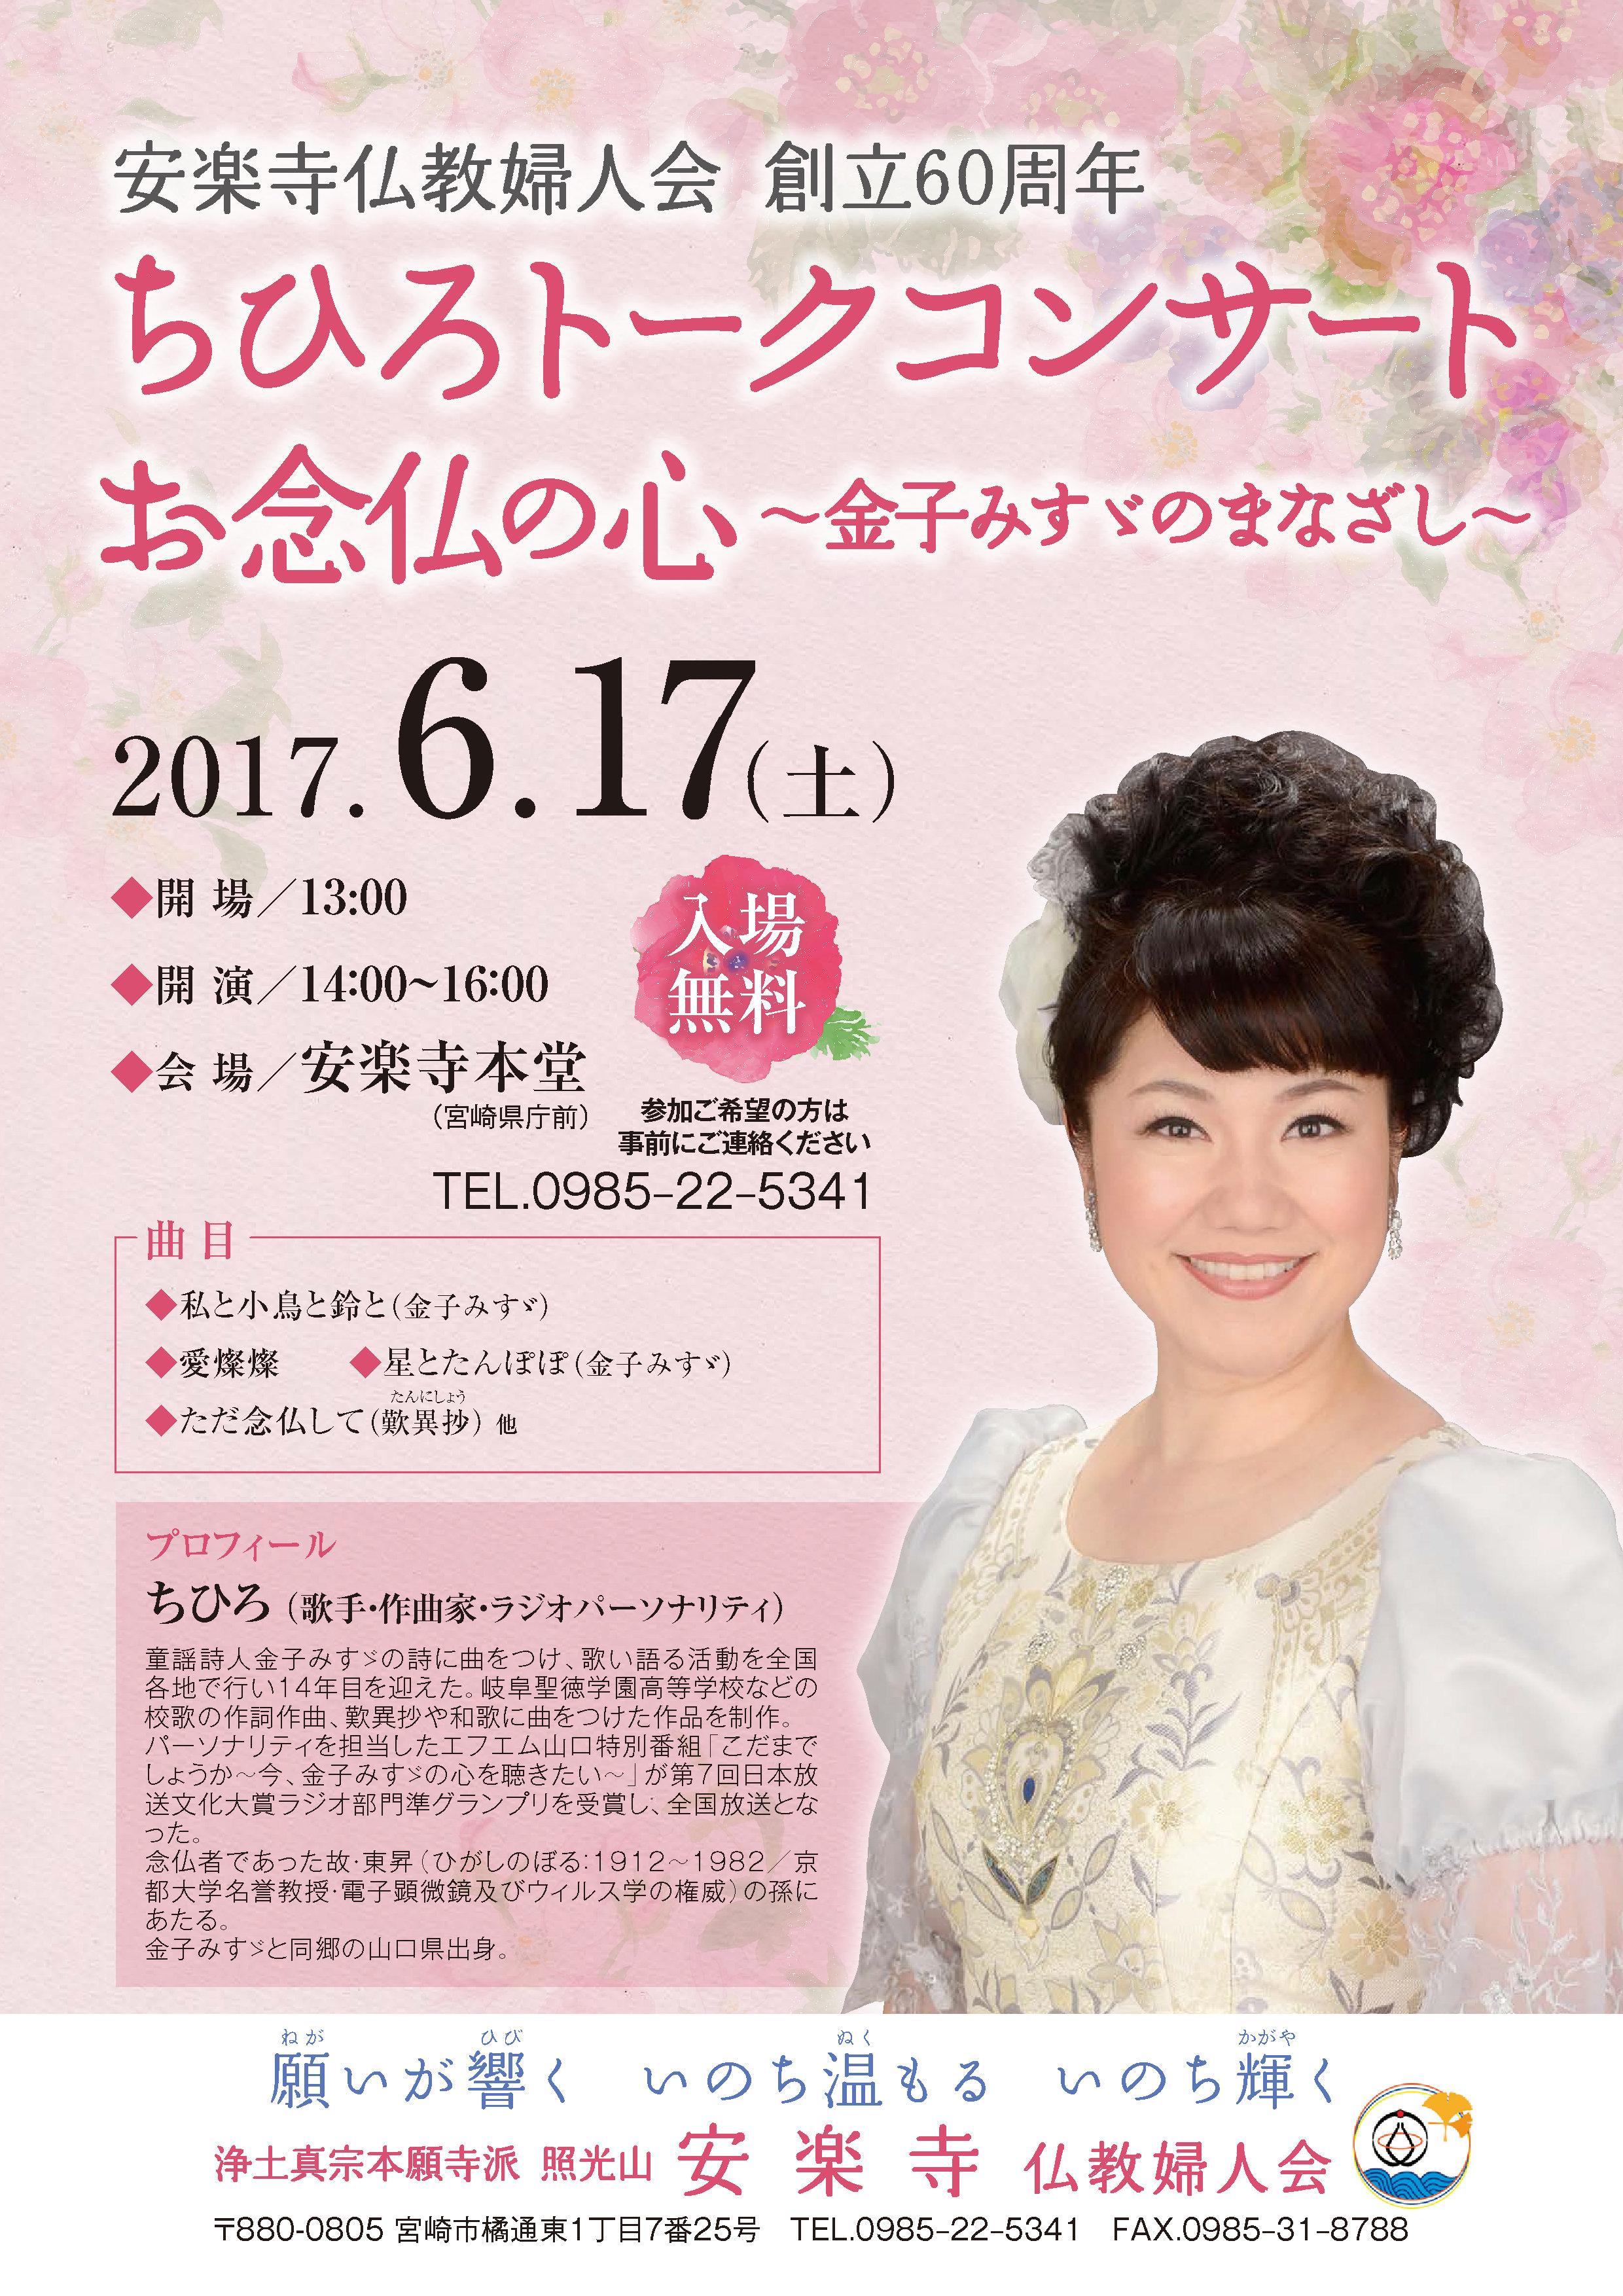 ちひろトークコンサート04